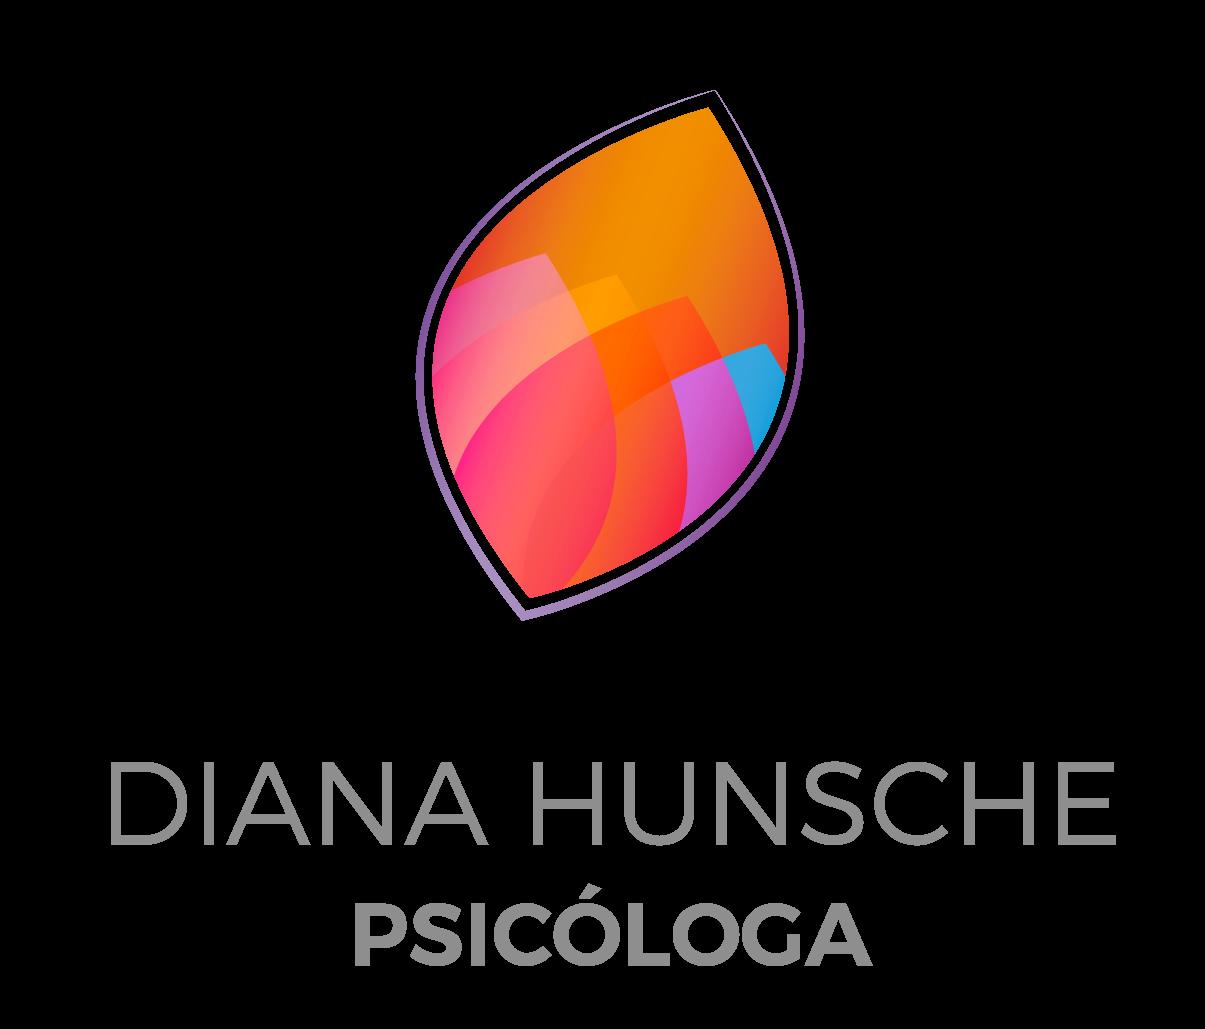 Diana Hunsche